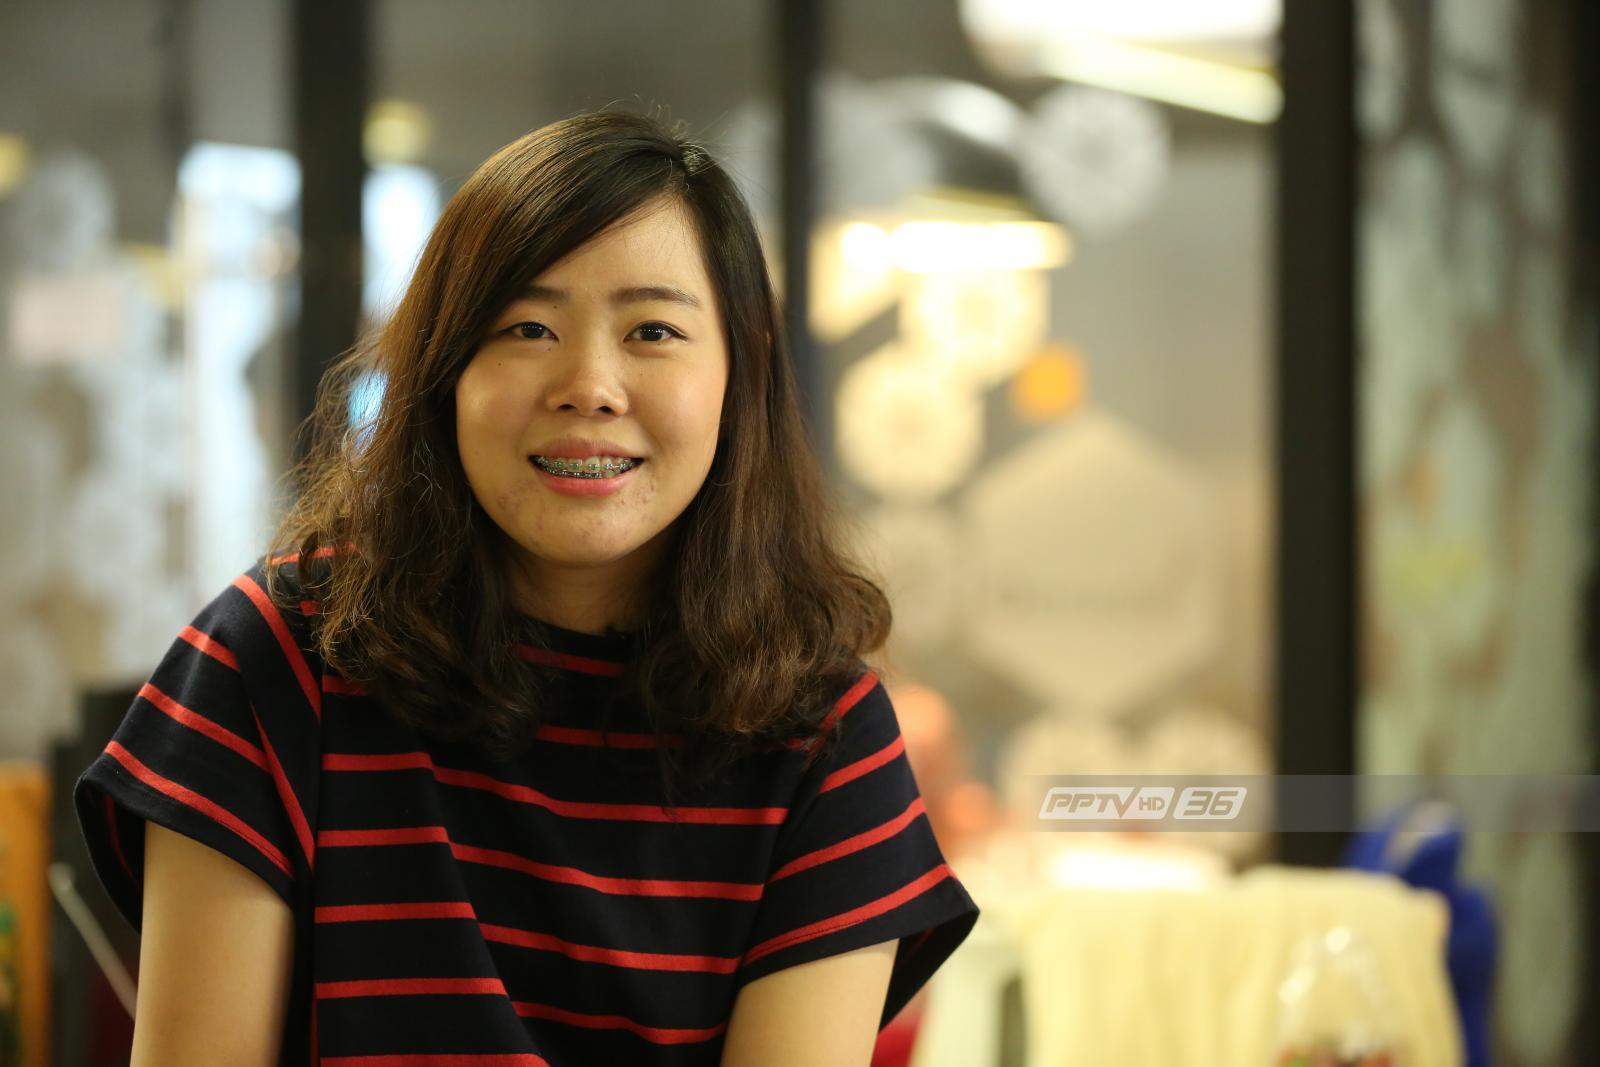 วัยรุ่นไทย 4.0 นิยมอ่านผ่านแอพฯ เฉลี่ย 23 นาที/วัน